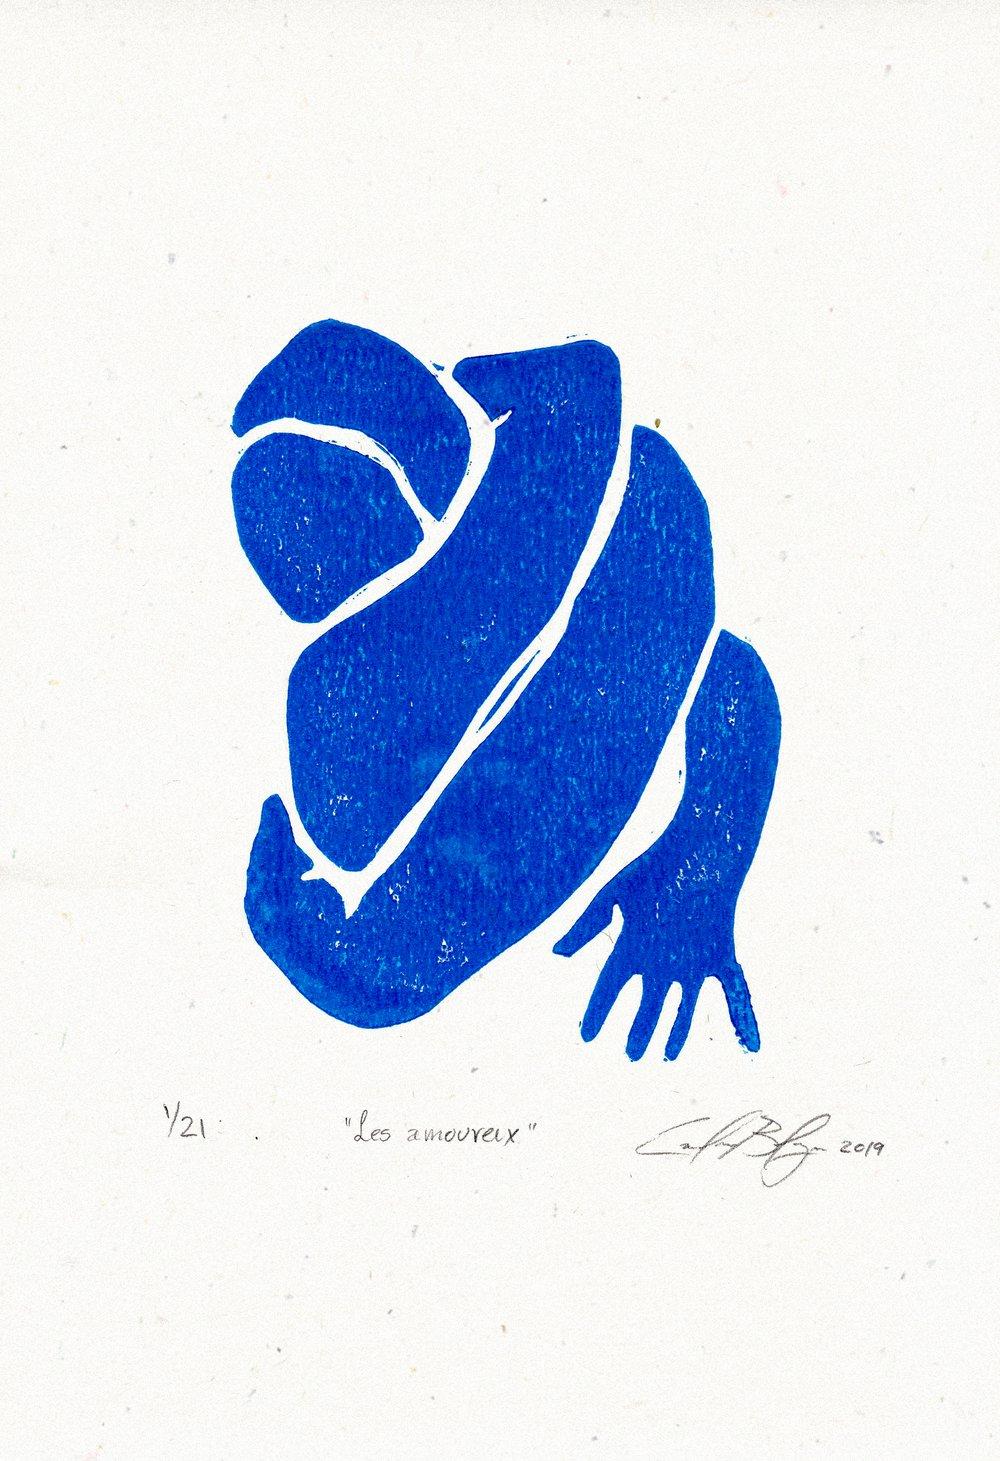 Image of Les amoureux - Linocut